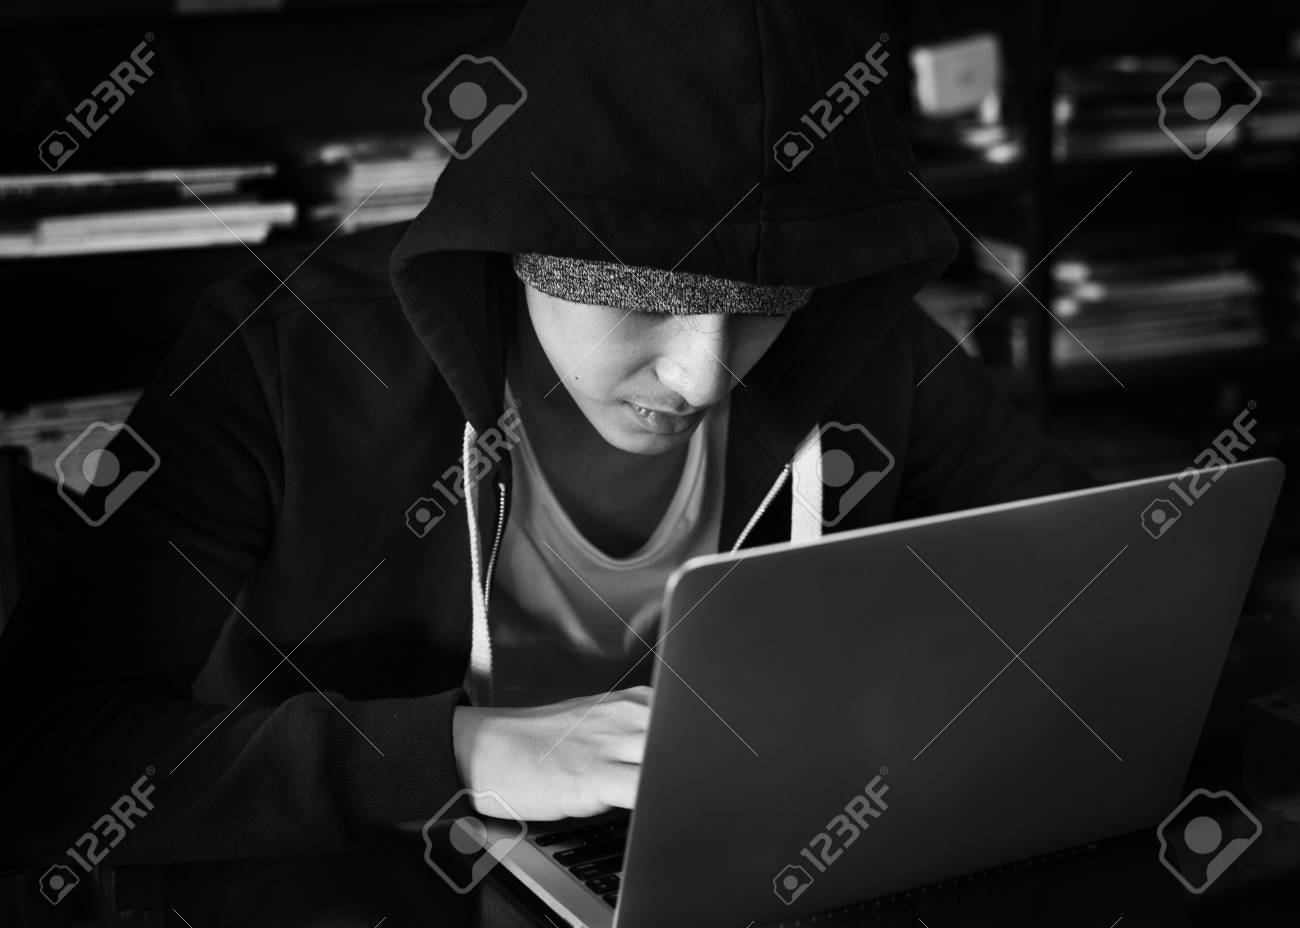 ba2cc1cfae6d6 Young Asian Boy Wearing Hoodie Using Digital Laptop Stock Photo ...